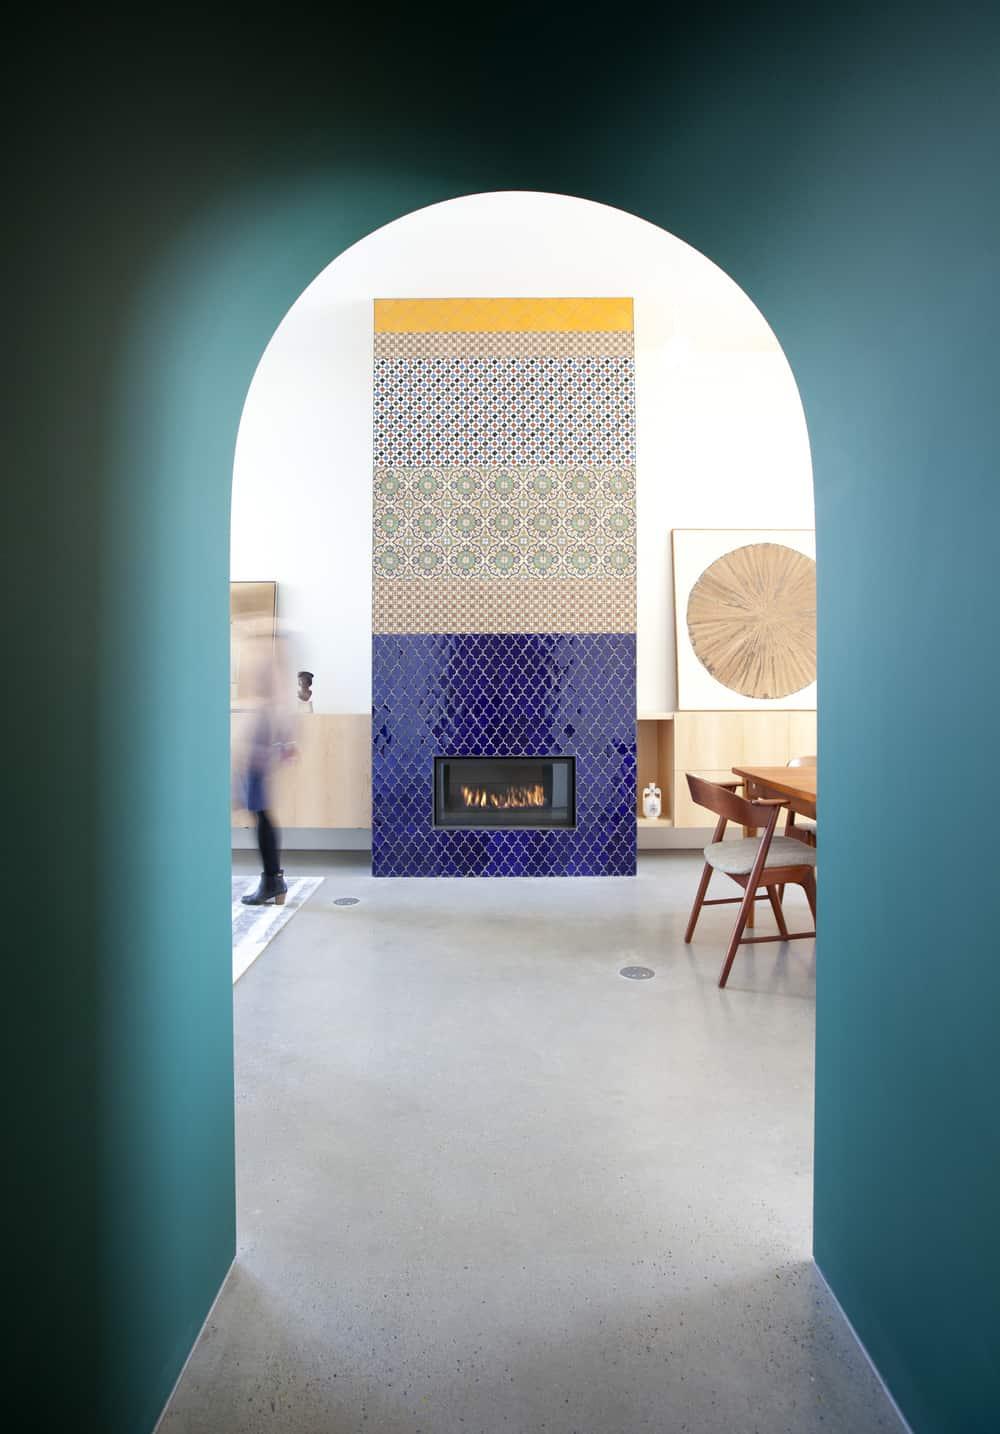 Kiedy architektka wyczuła miłość domowników do mauretańskich wpływów na architekturę hiszpańską, poprosiła ich o wybranie zestawu ręcznie robionych, wielobarwnych, wzorzystych płytek, które ułożyła razem w luźno korespondującej aranżacji. W sumie wypróbowali 24 warianty.